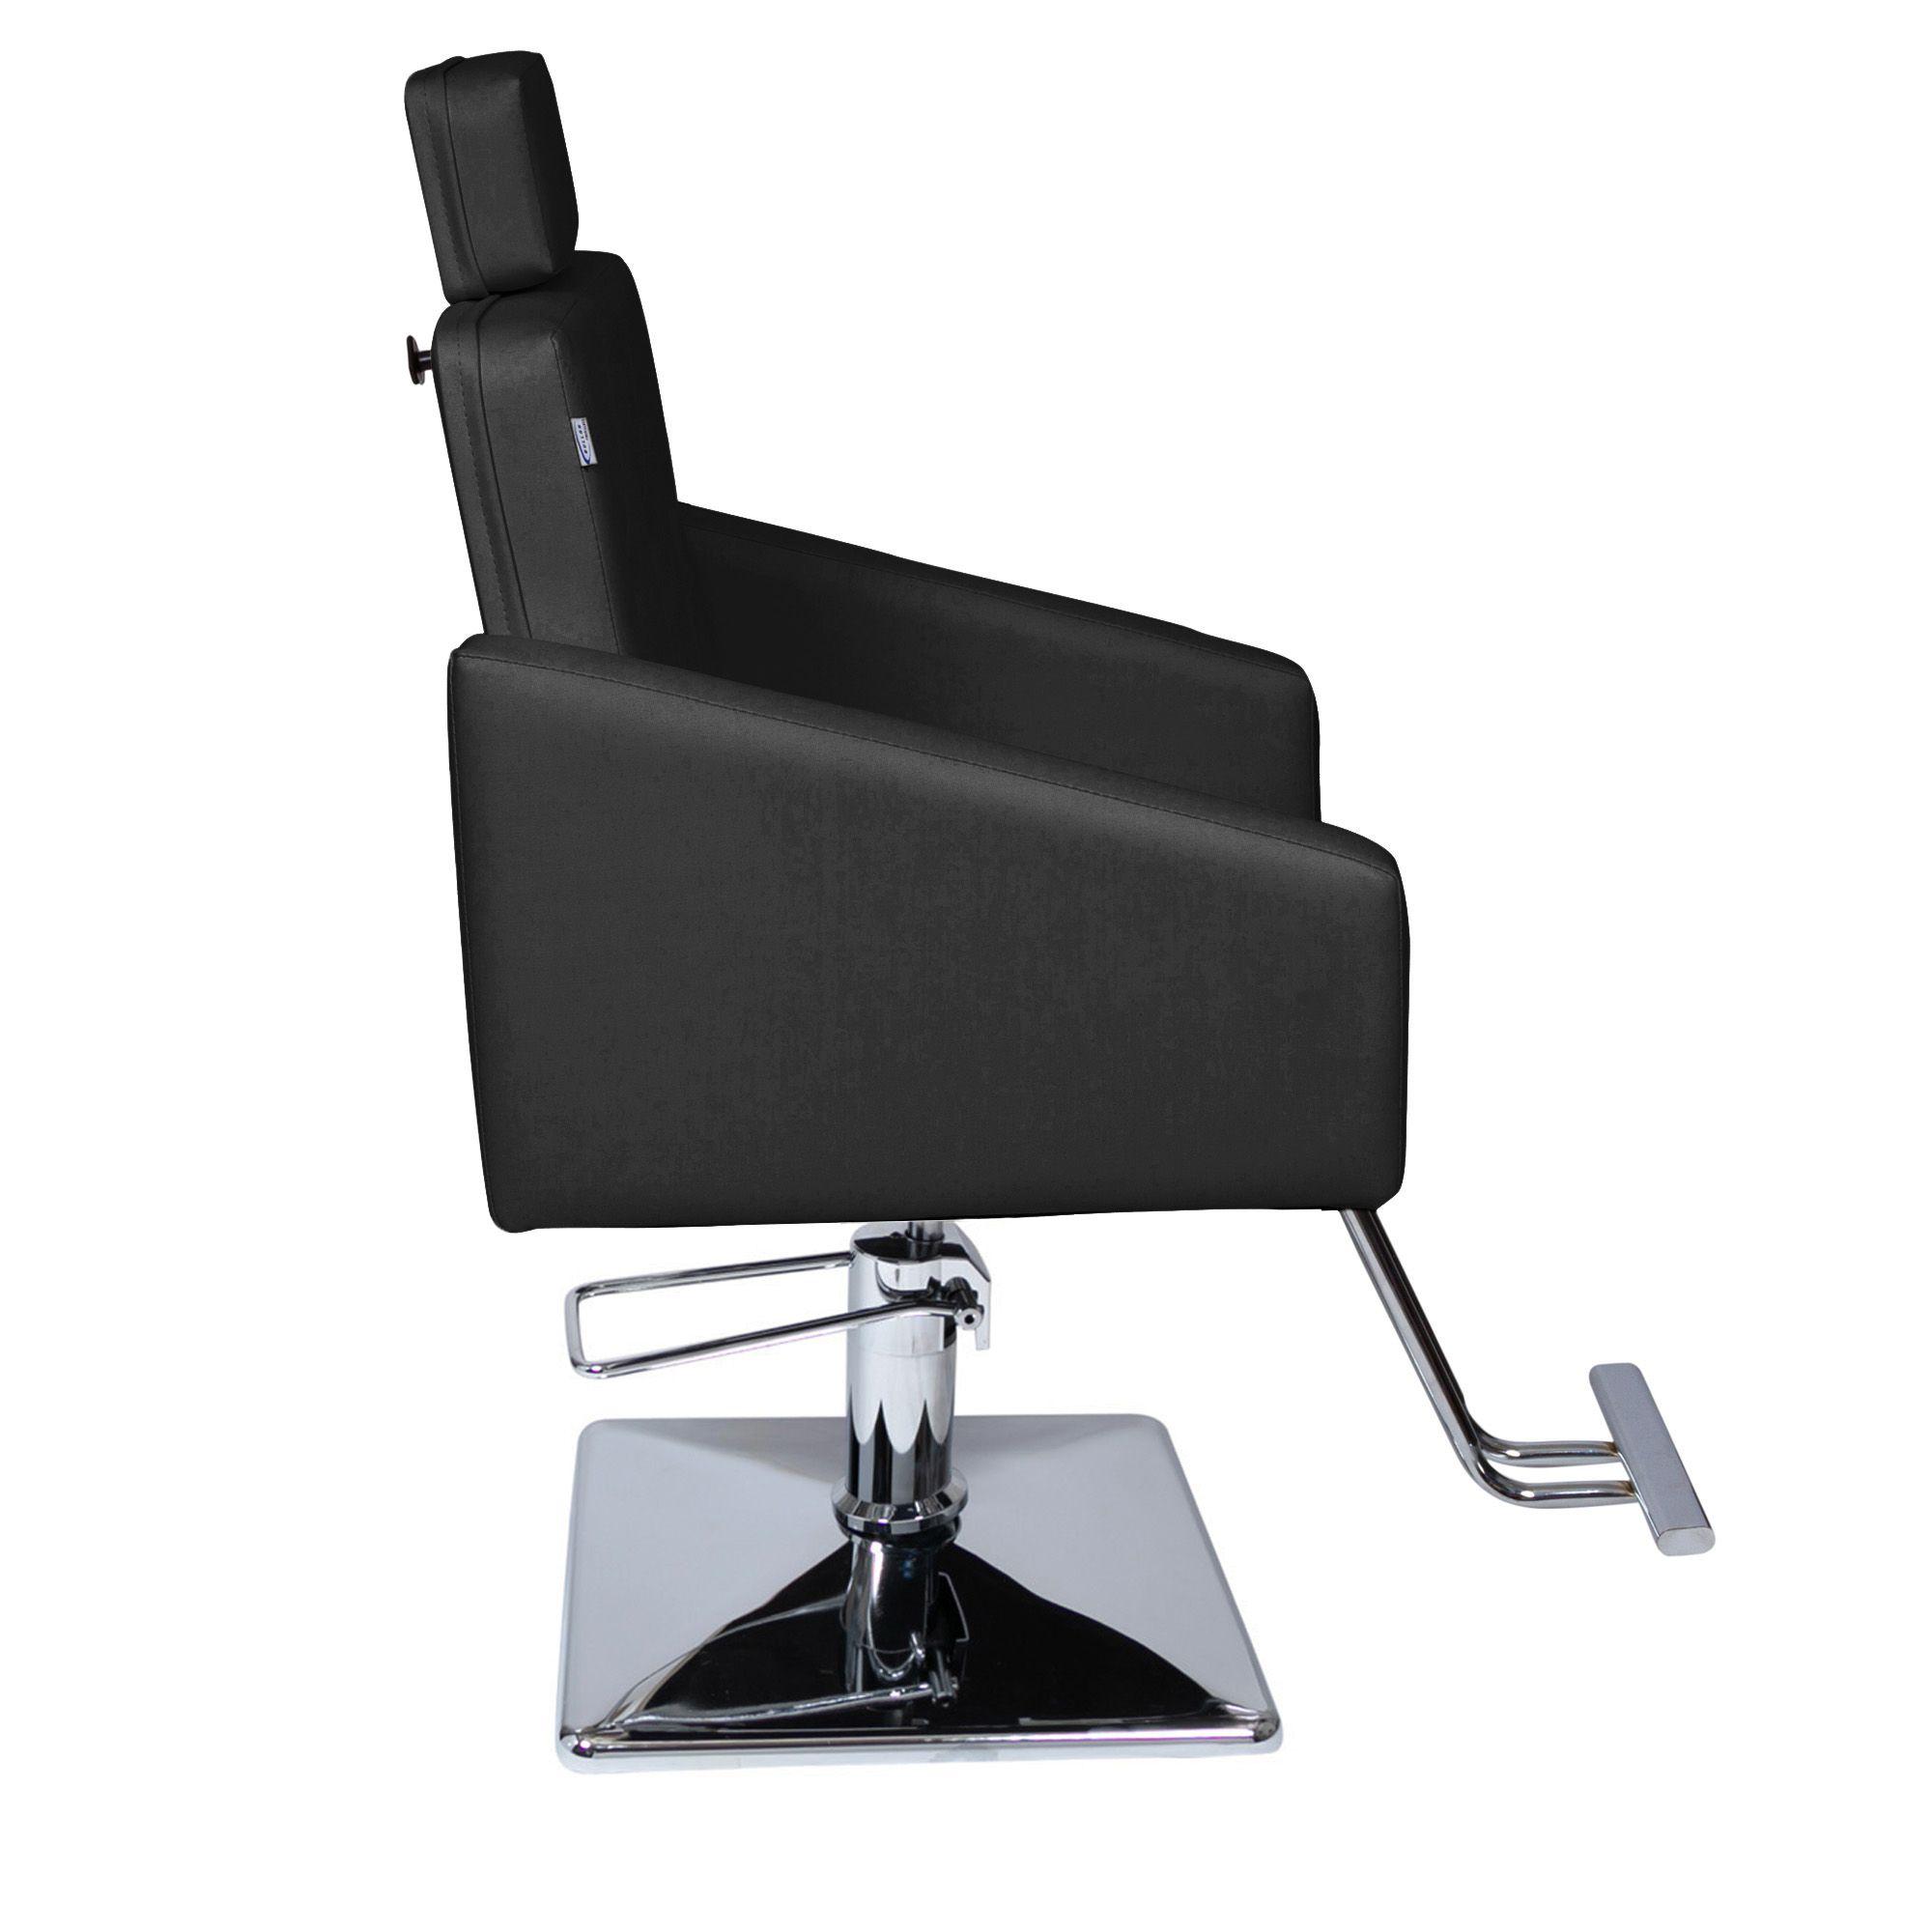 Poltrona Cadeira Hidráulica Diamante Fixa Para Salão - Base Quadrada